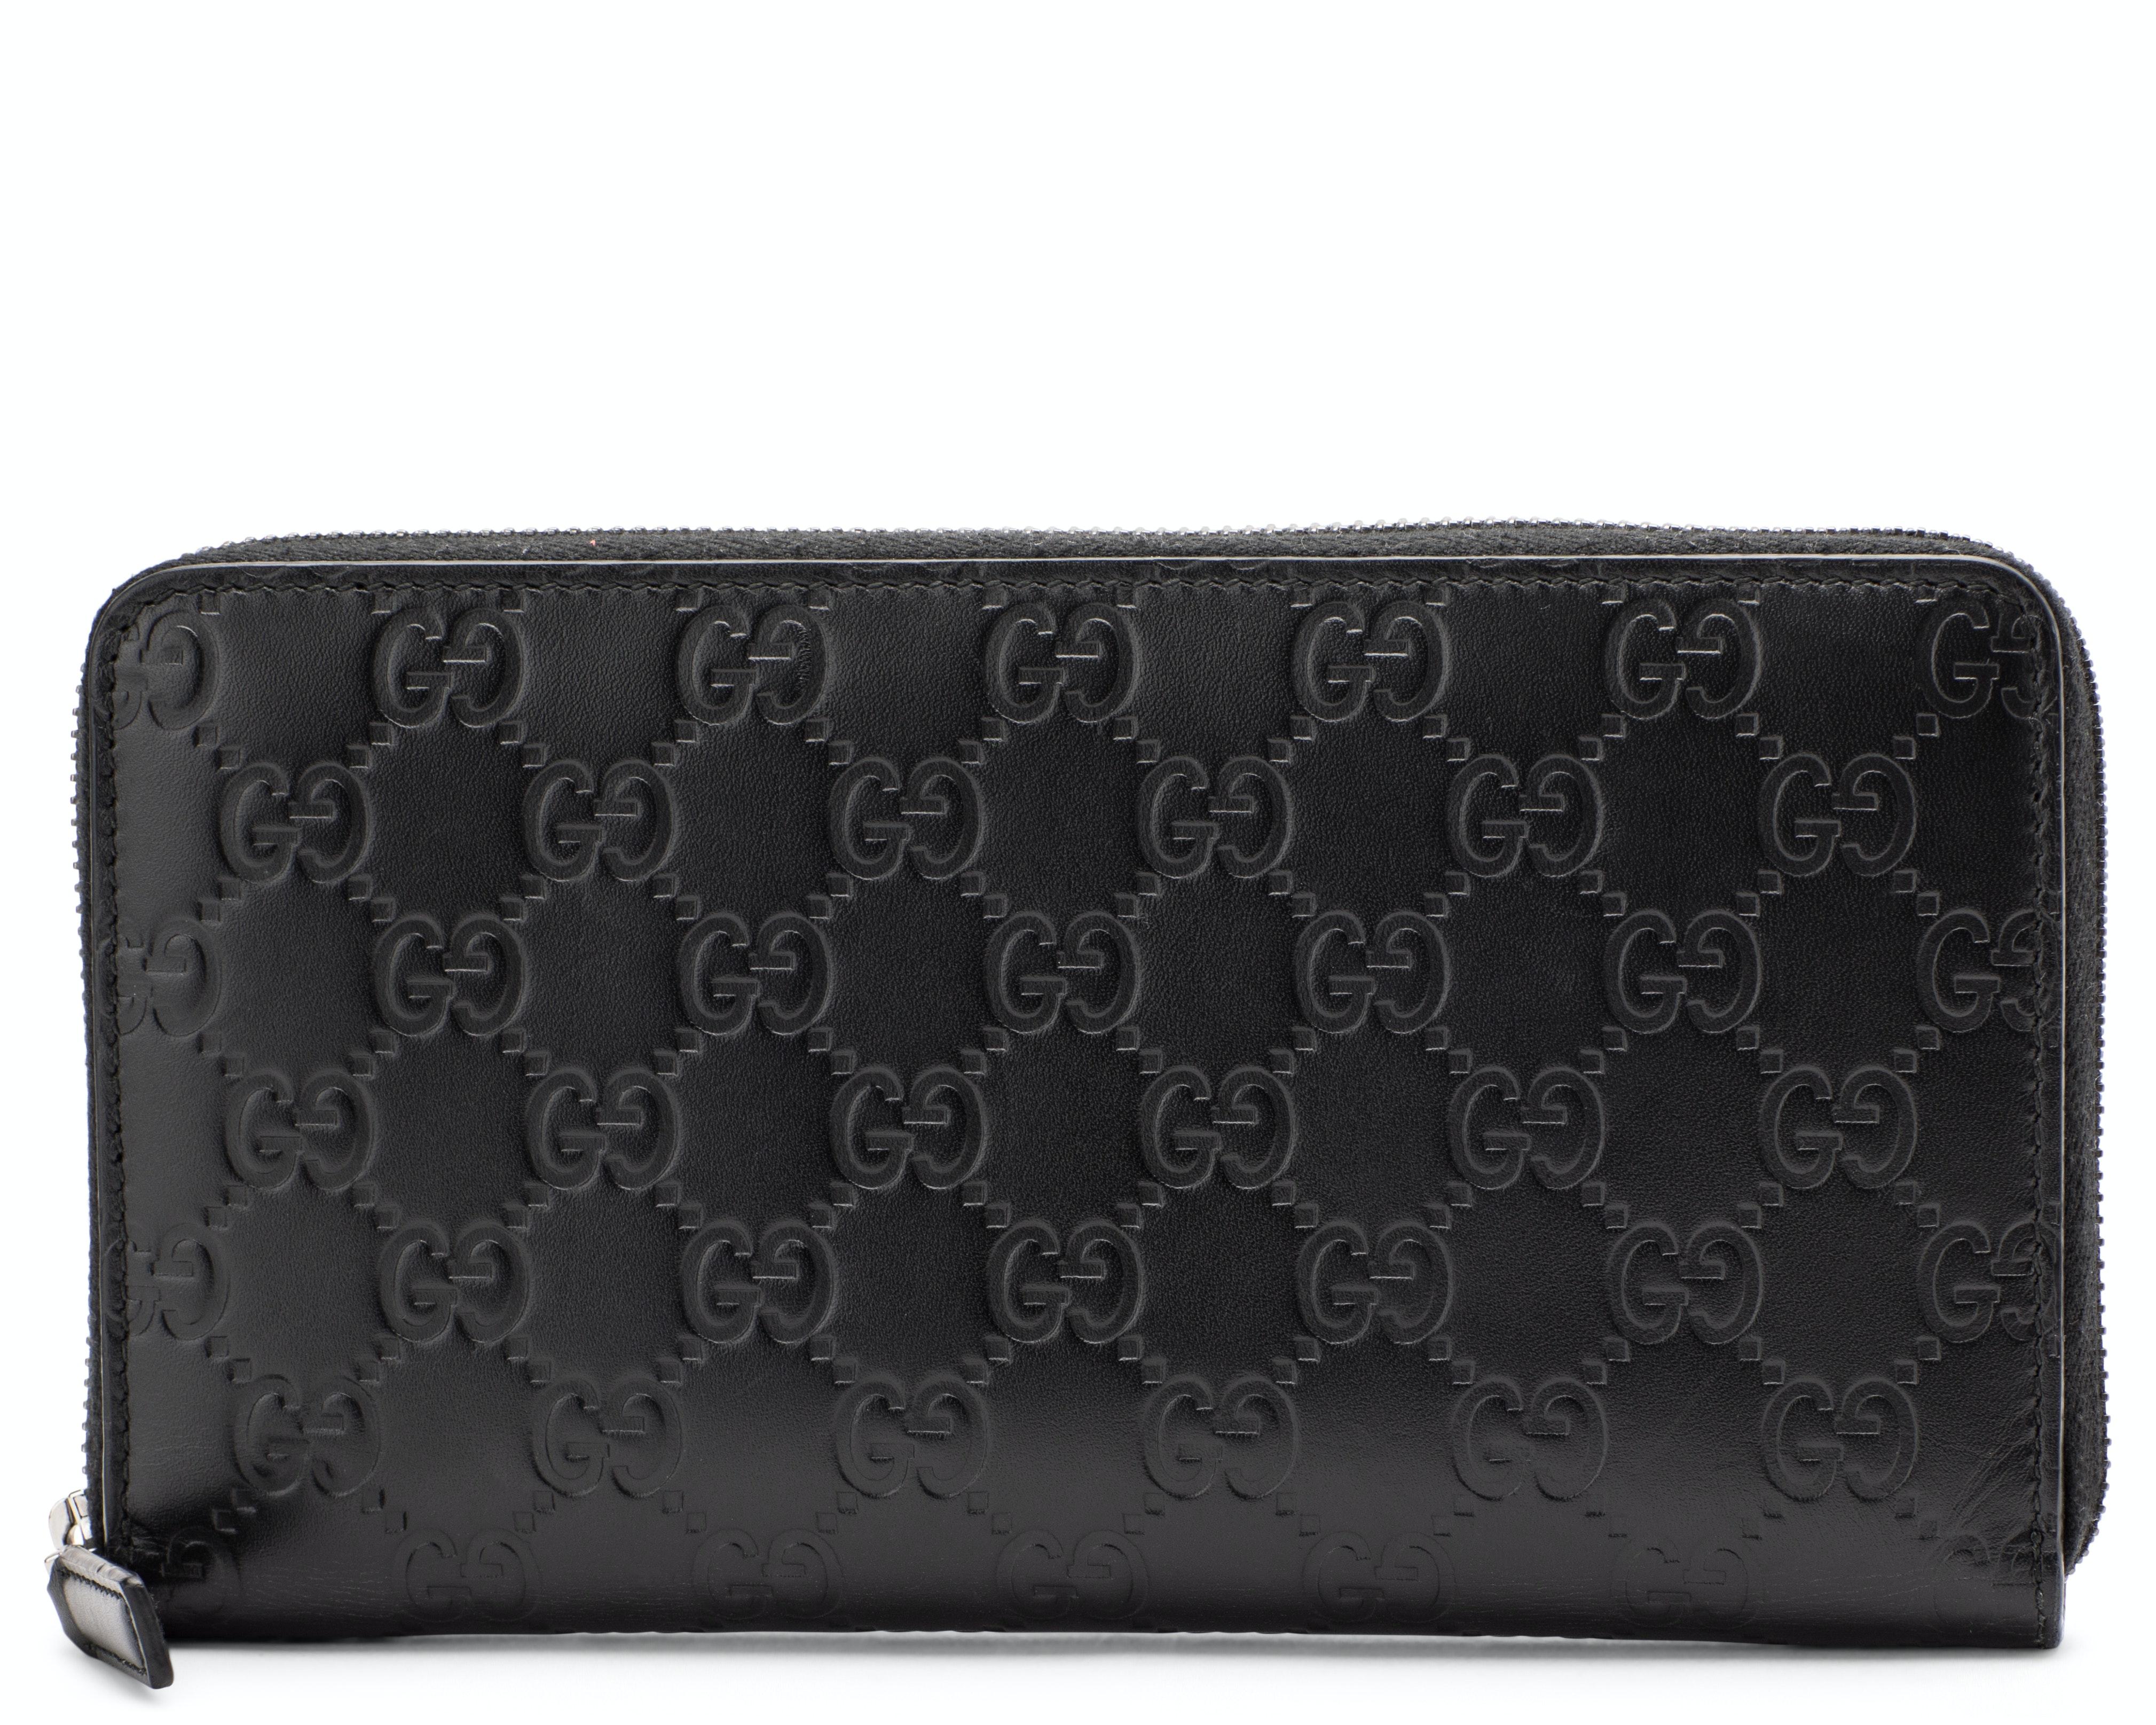 Gucci Zip Around Wallet Monogram Guccissima Black